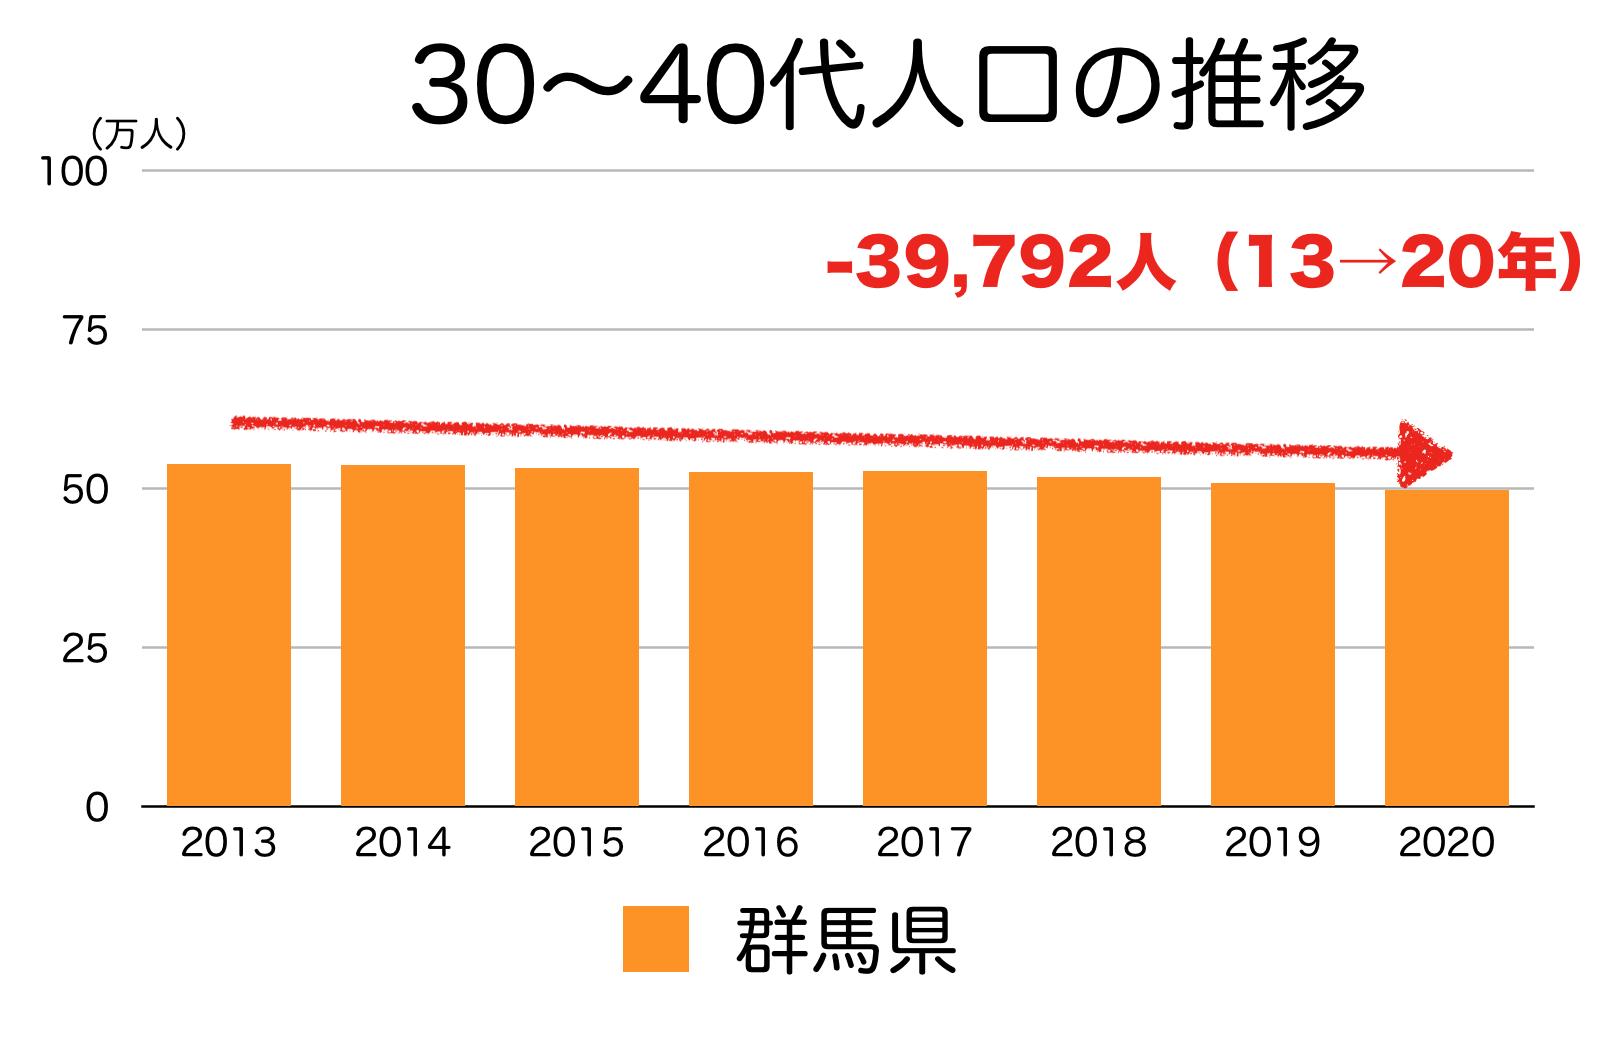 群馬県の30〜40代人口の推移